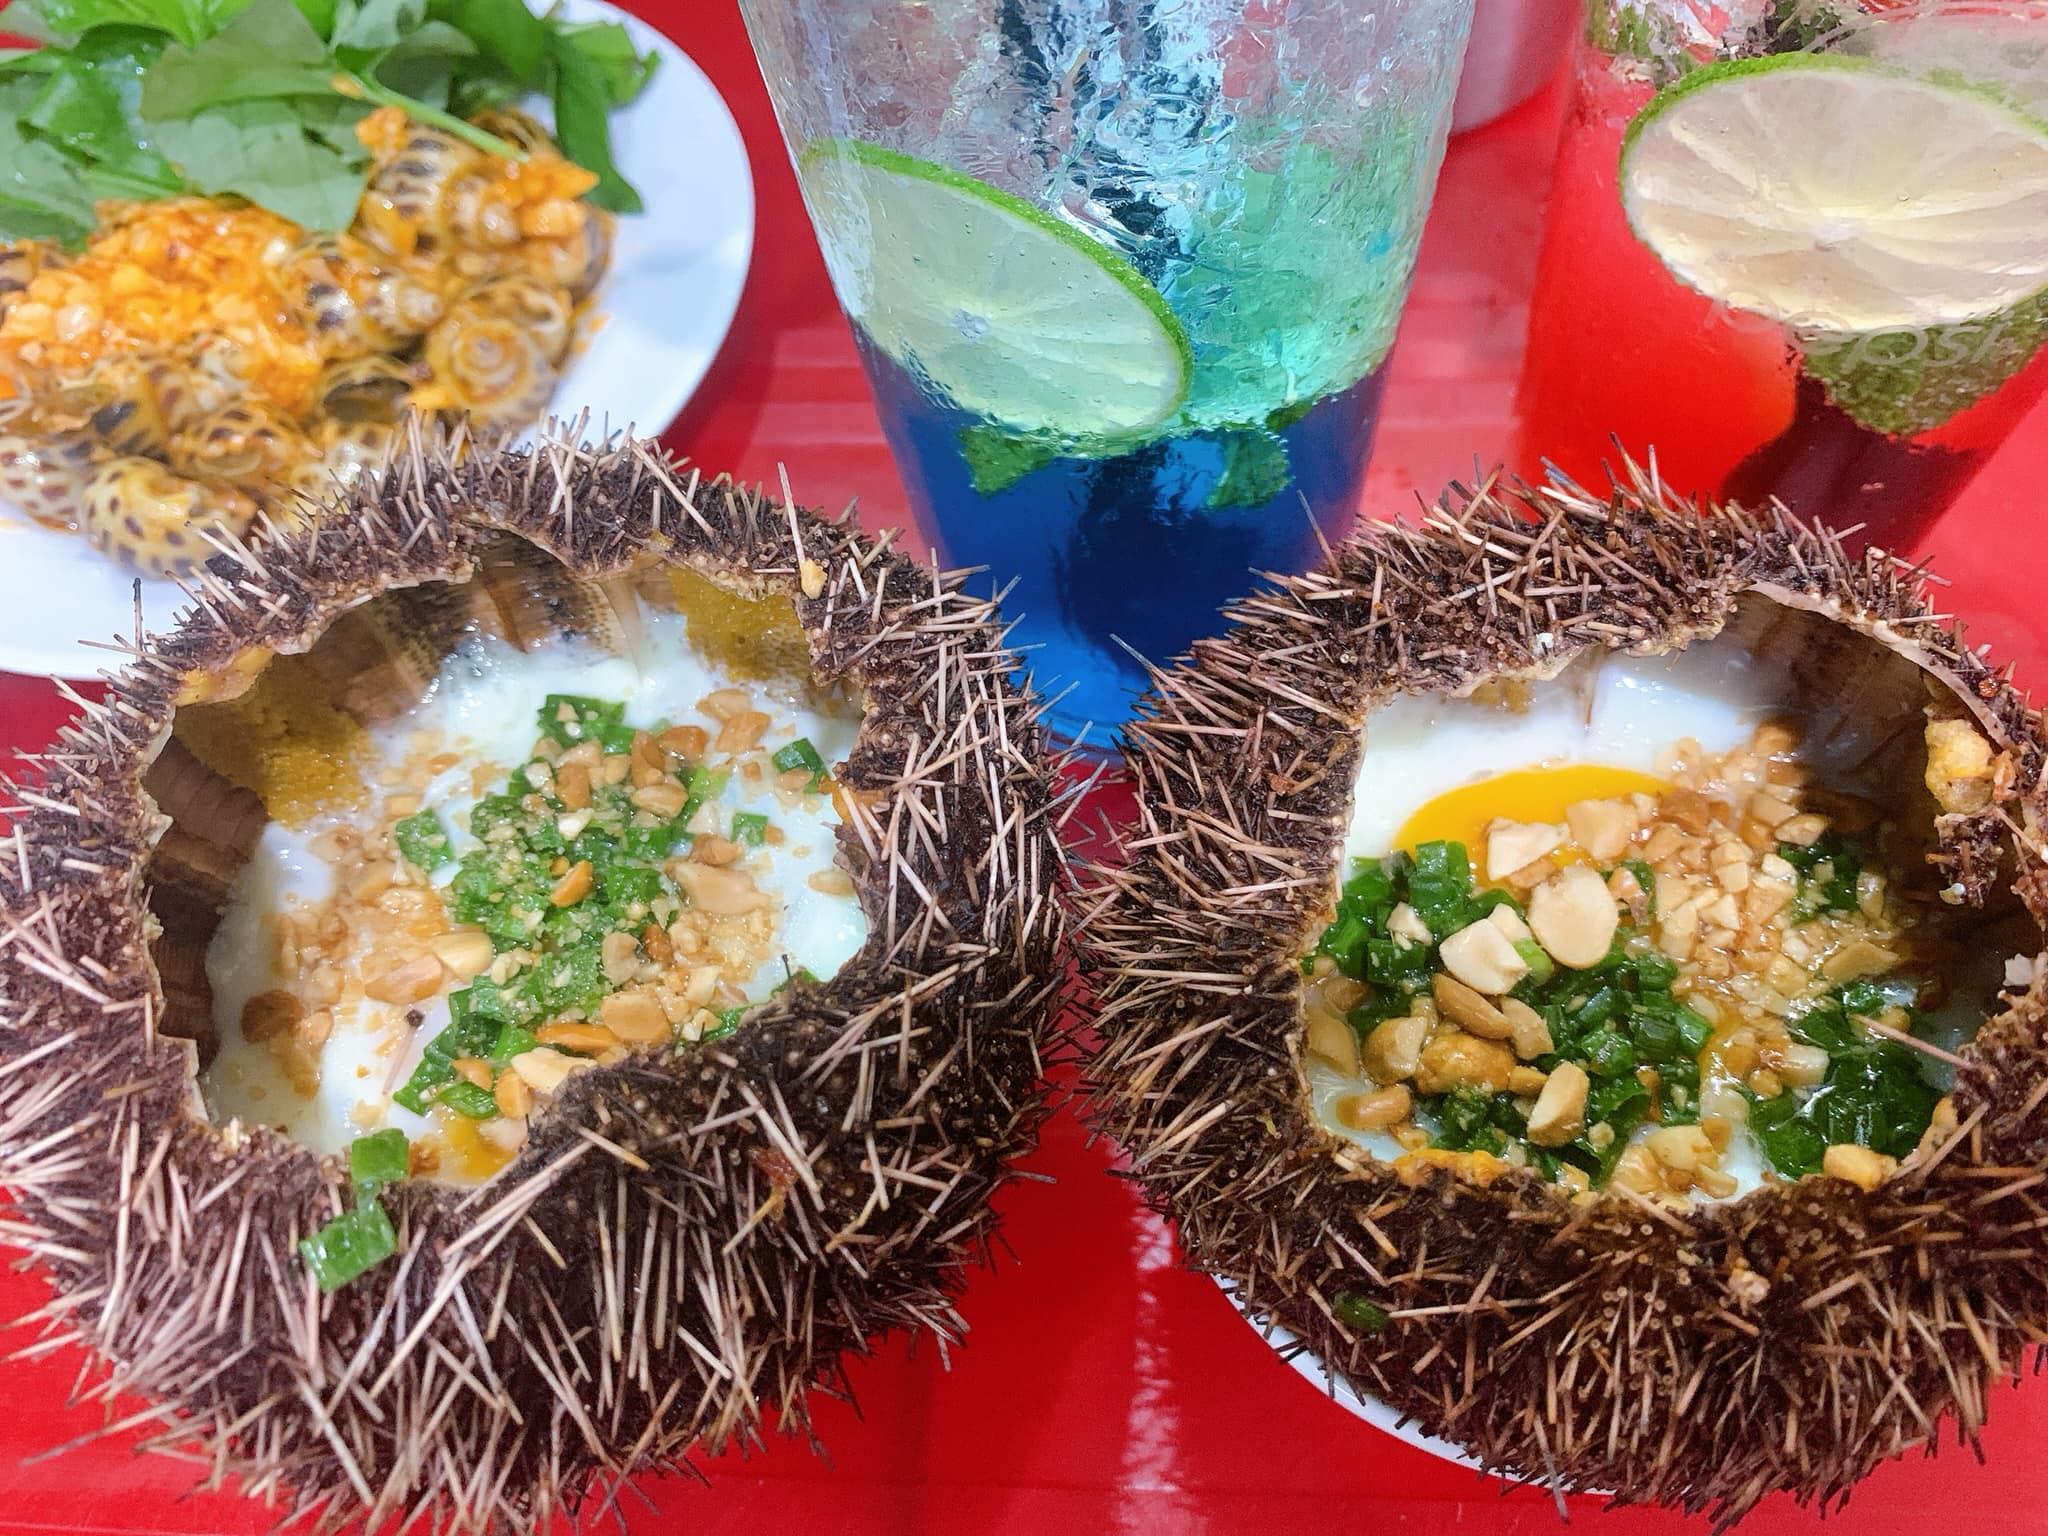 Tour du lịch Nha Trang từ TP HCM: Thưởng ngoạn mỹ cảnh tại hòn ngọc Việt  - Ảnh 19.